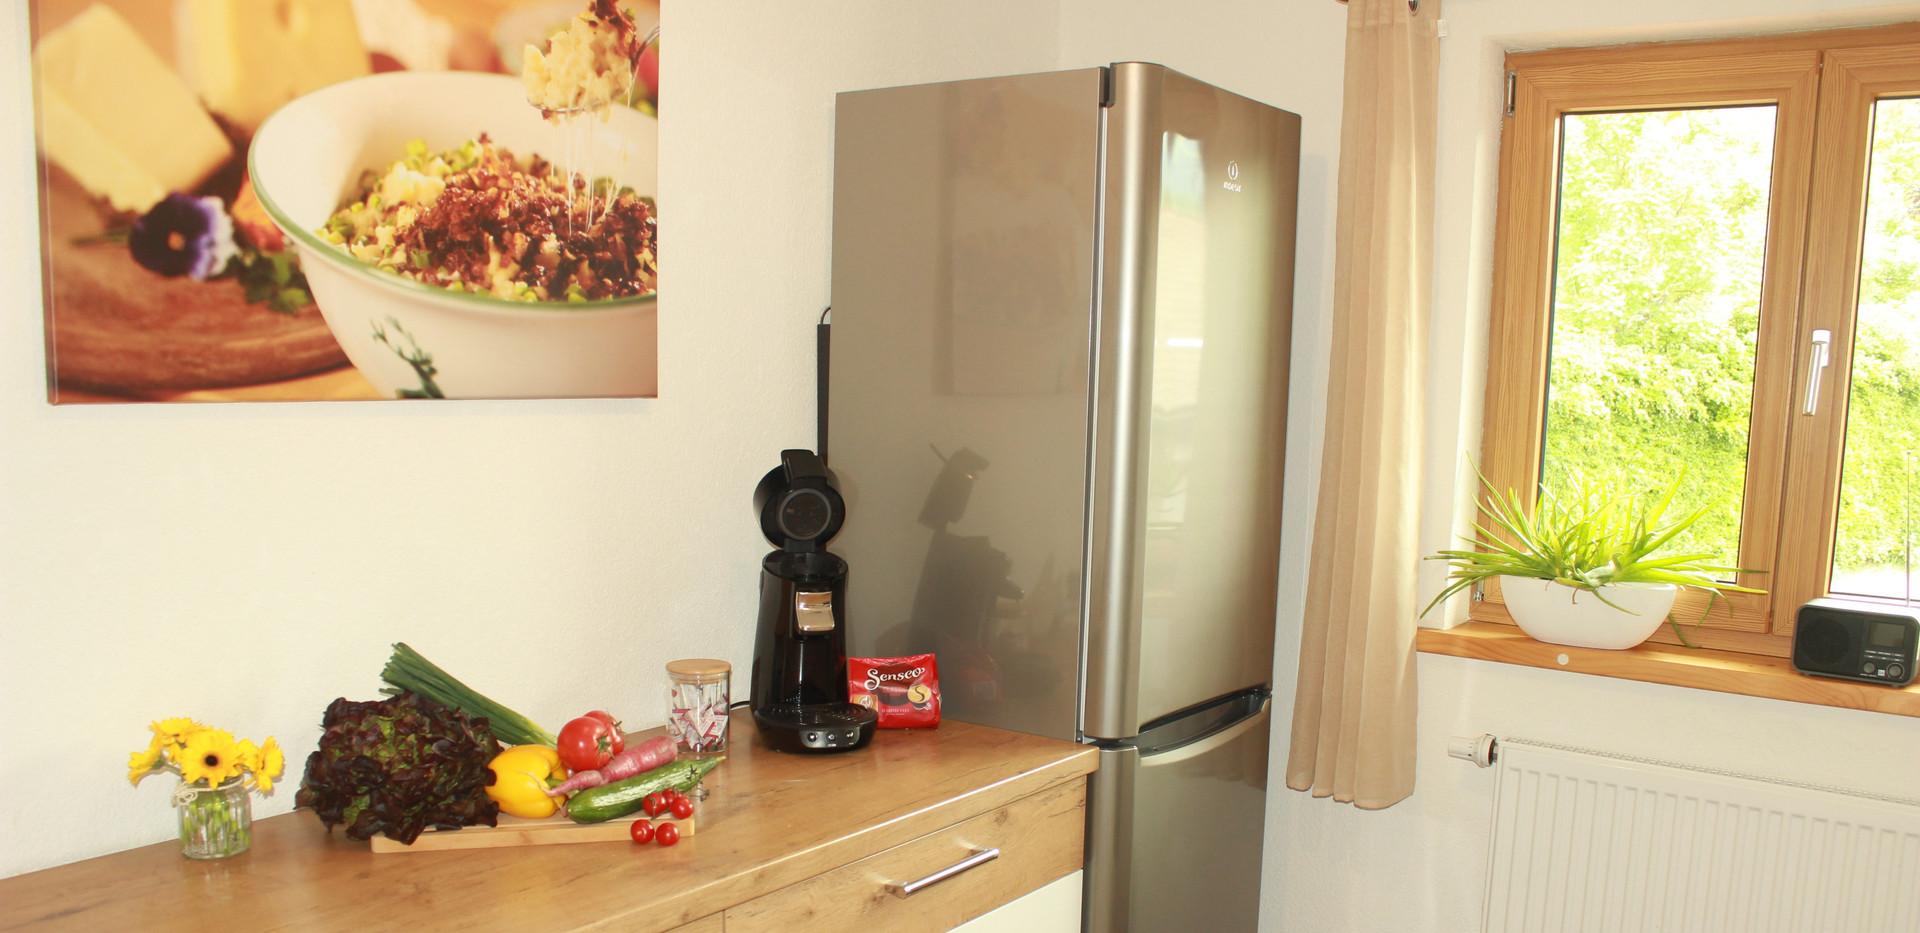 Küche mit Senseo Kaffeemaschine